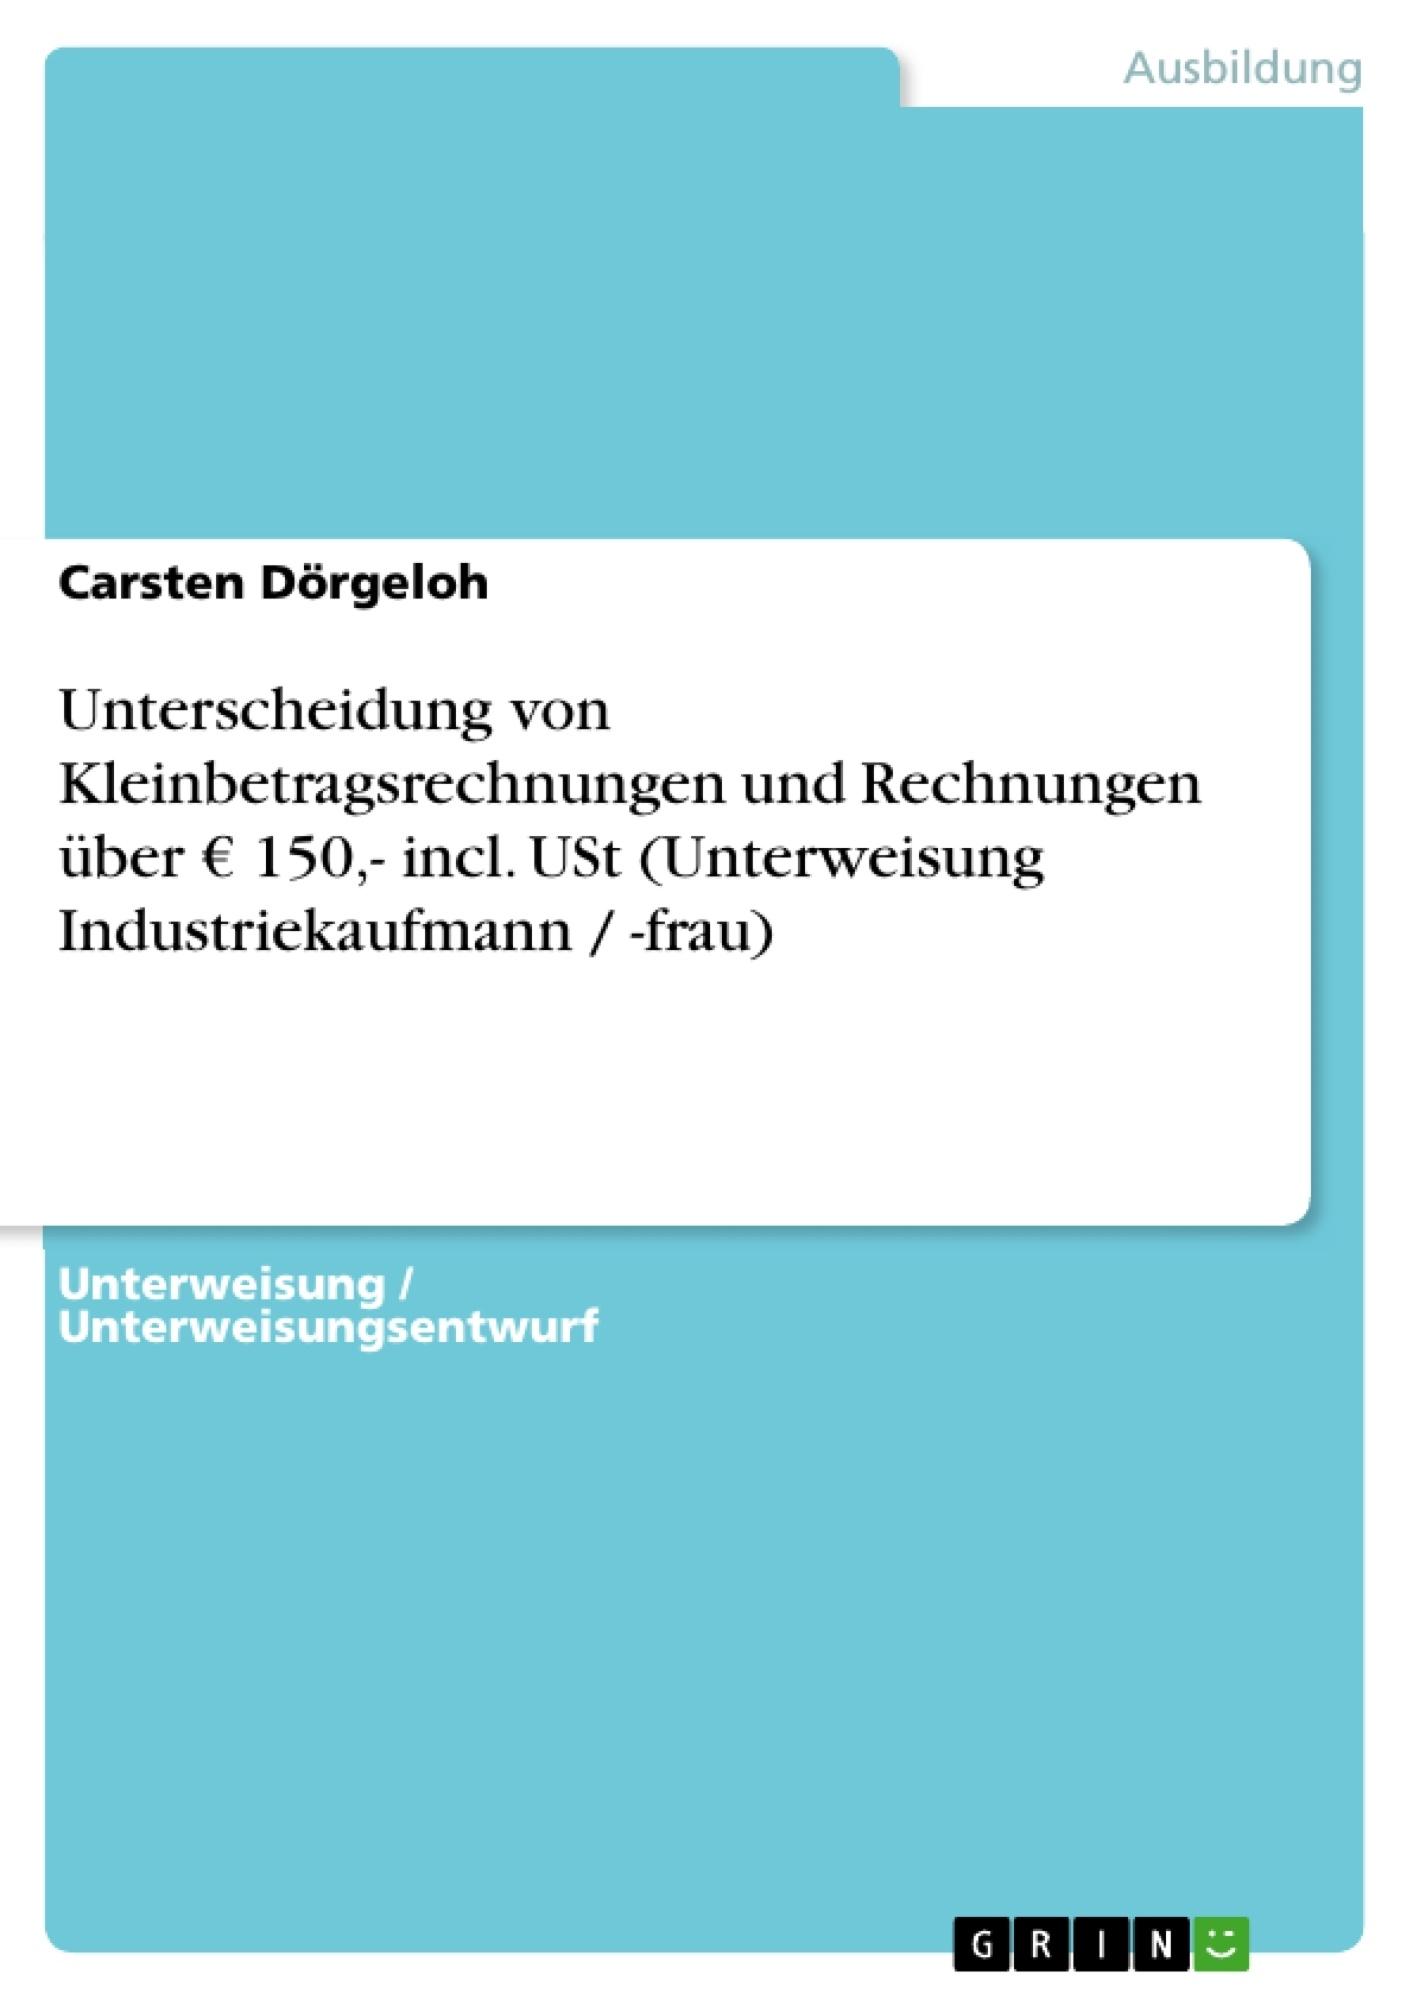 Titel: Unterscheidung von Kleinbetragsrechnungen und Rechnungen über € 150,- incl. USt (Unterweisung Industriekaufmann / -frau)